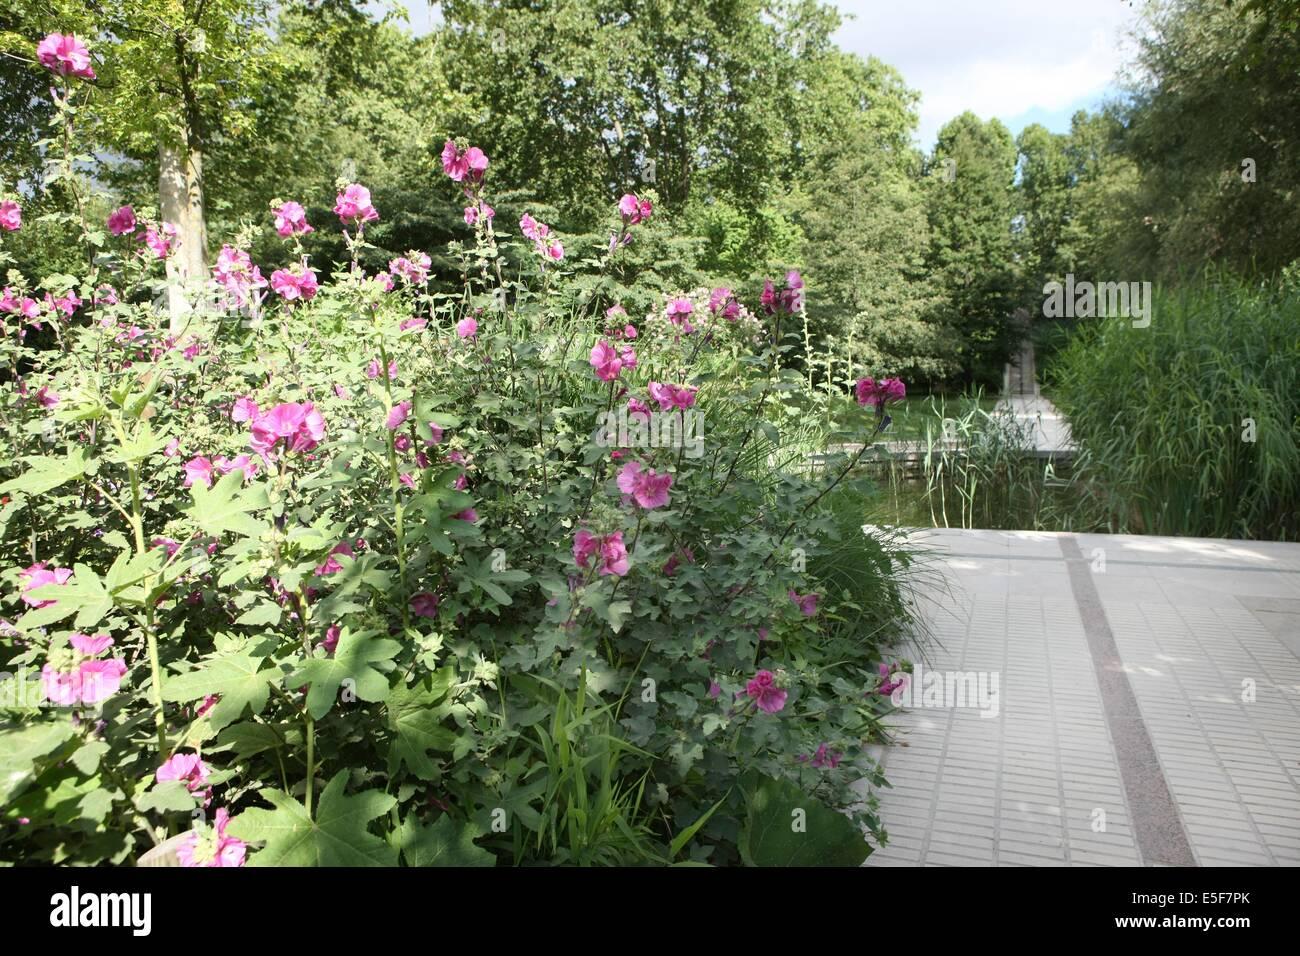 France, ile de france, paris, 12e arrondissement, bercy, parc de bercy, plan d'eau et oiseaux, roseaux  Date - Stock Image